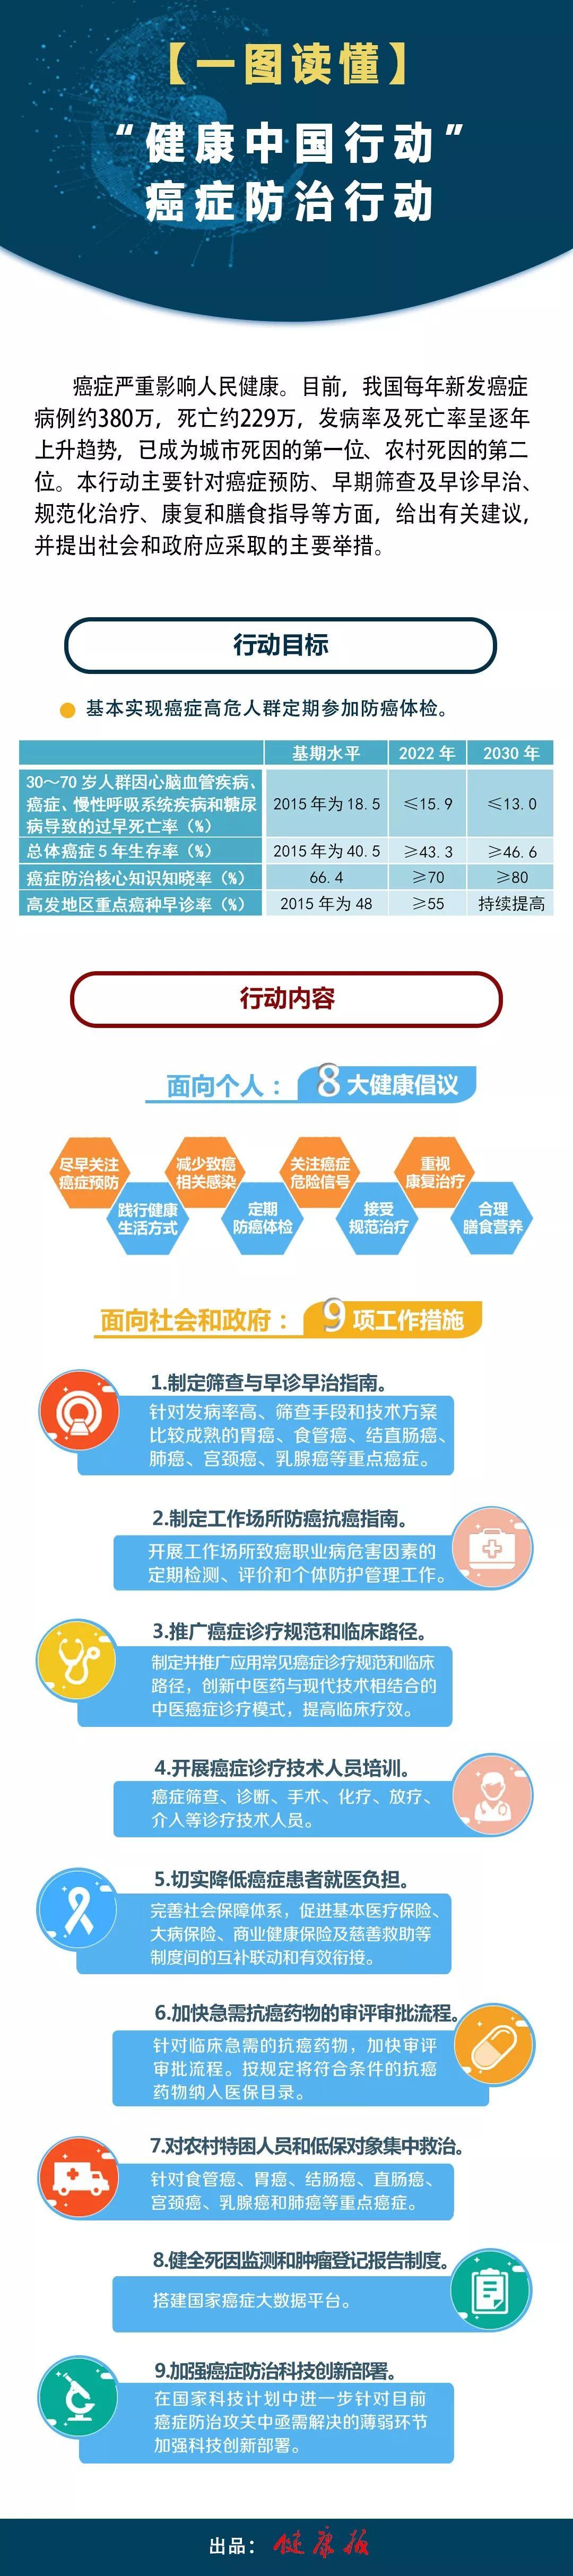 """【图解】打赢癌症防治攻坚战,""""健康中国行动""""提出了具体方案!"""